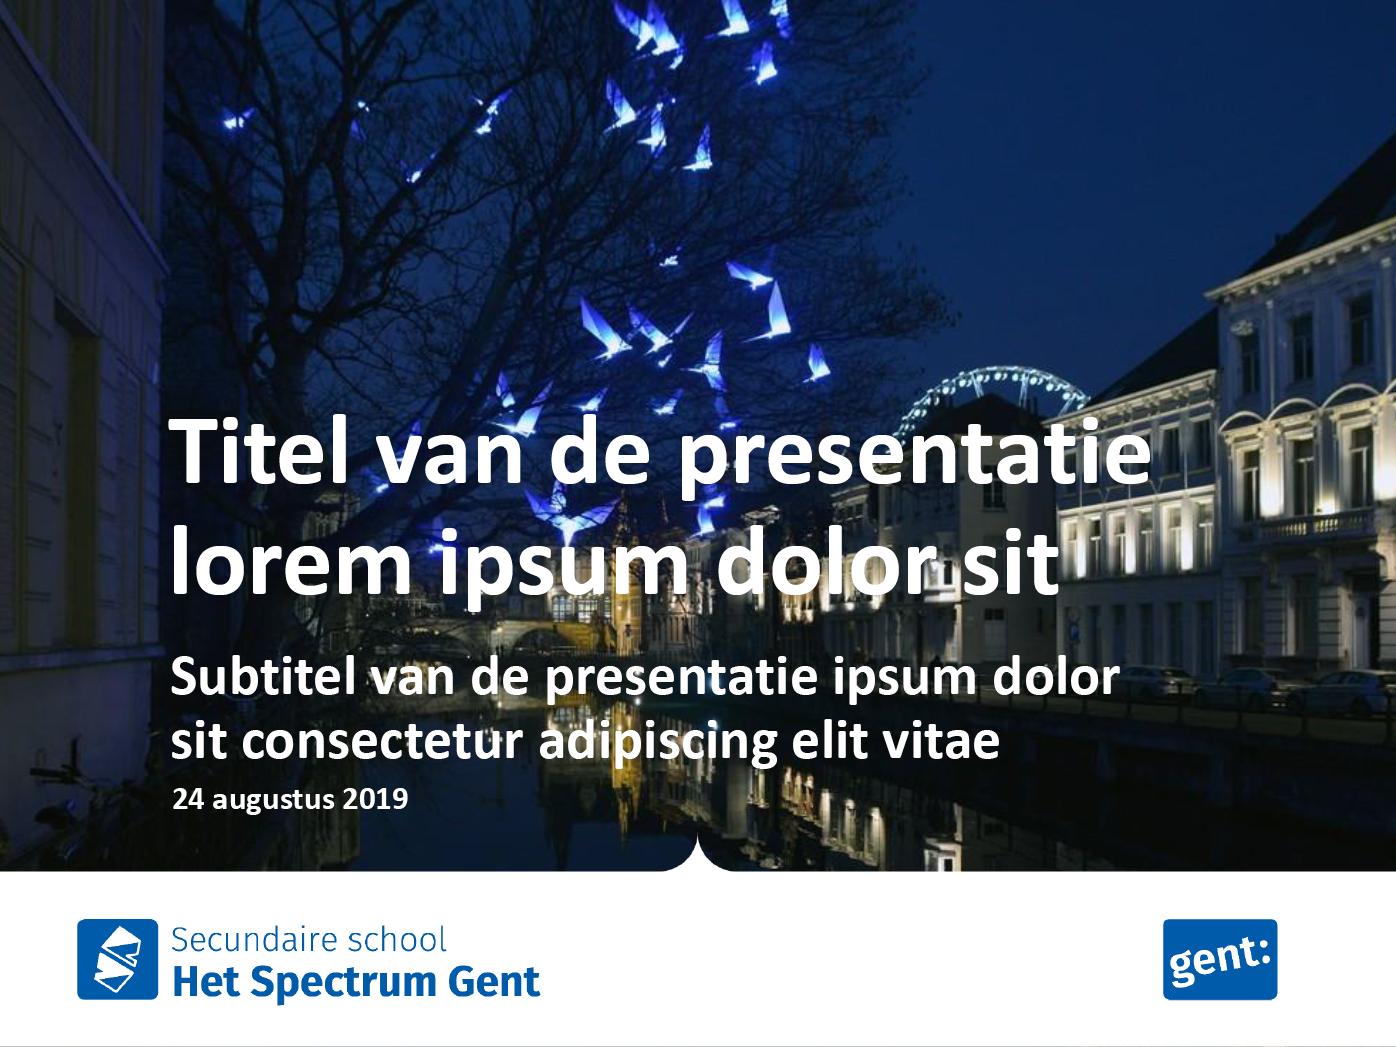 """Dia-type """"titel van de presentatie"""", gepersonaliseerd voor de submerken van het secundair onderwijs. Powerpoint-sjabloon van de Stad Gent."""